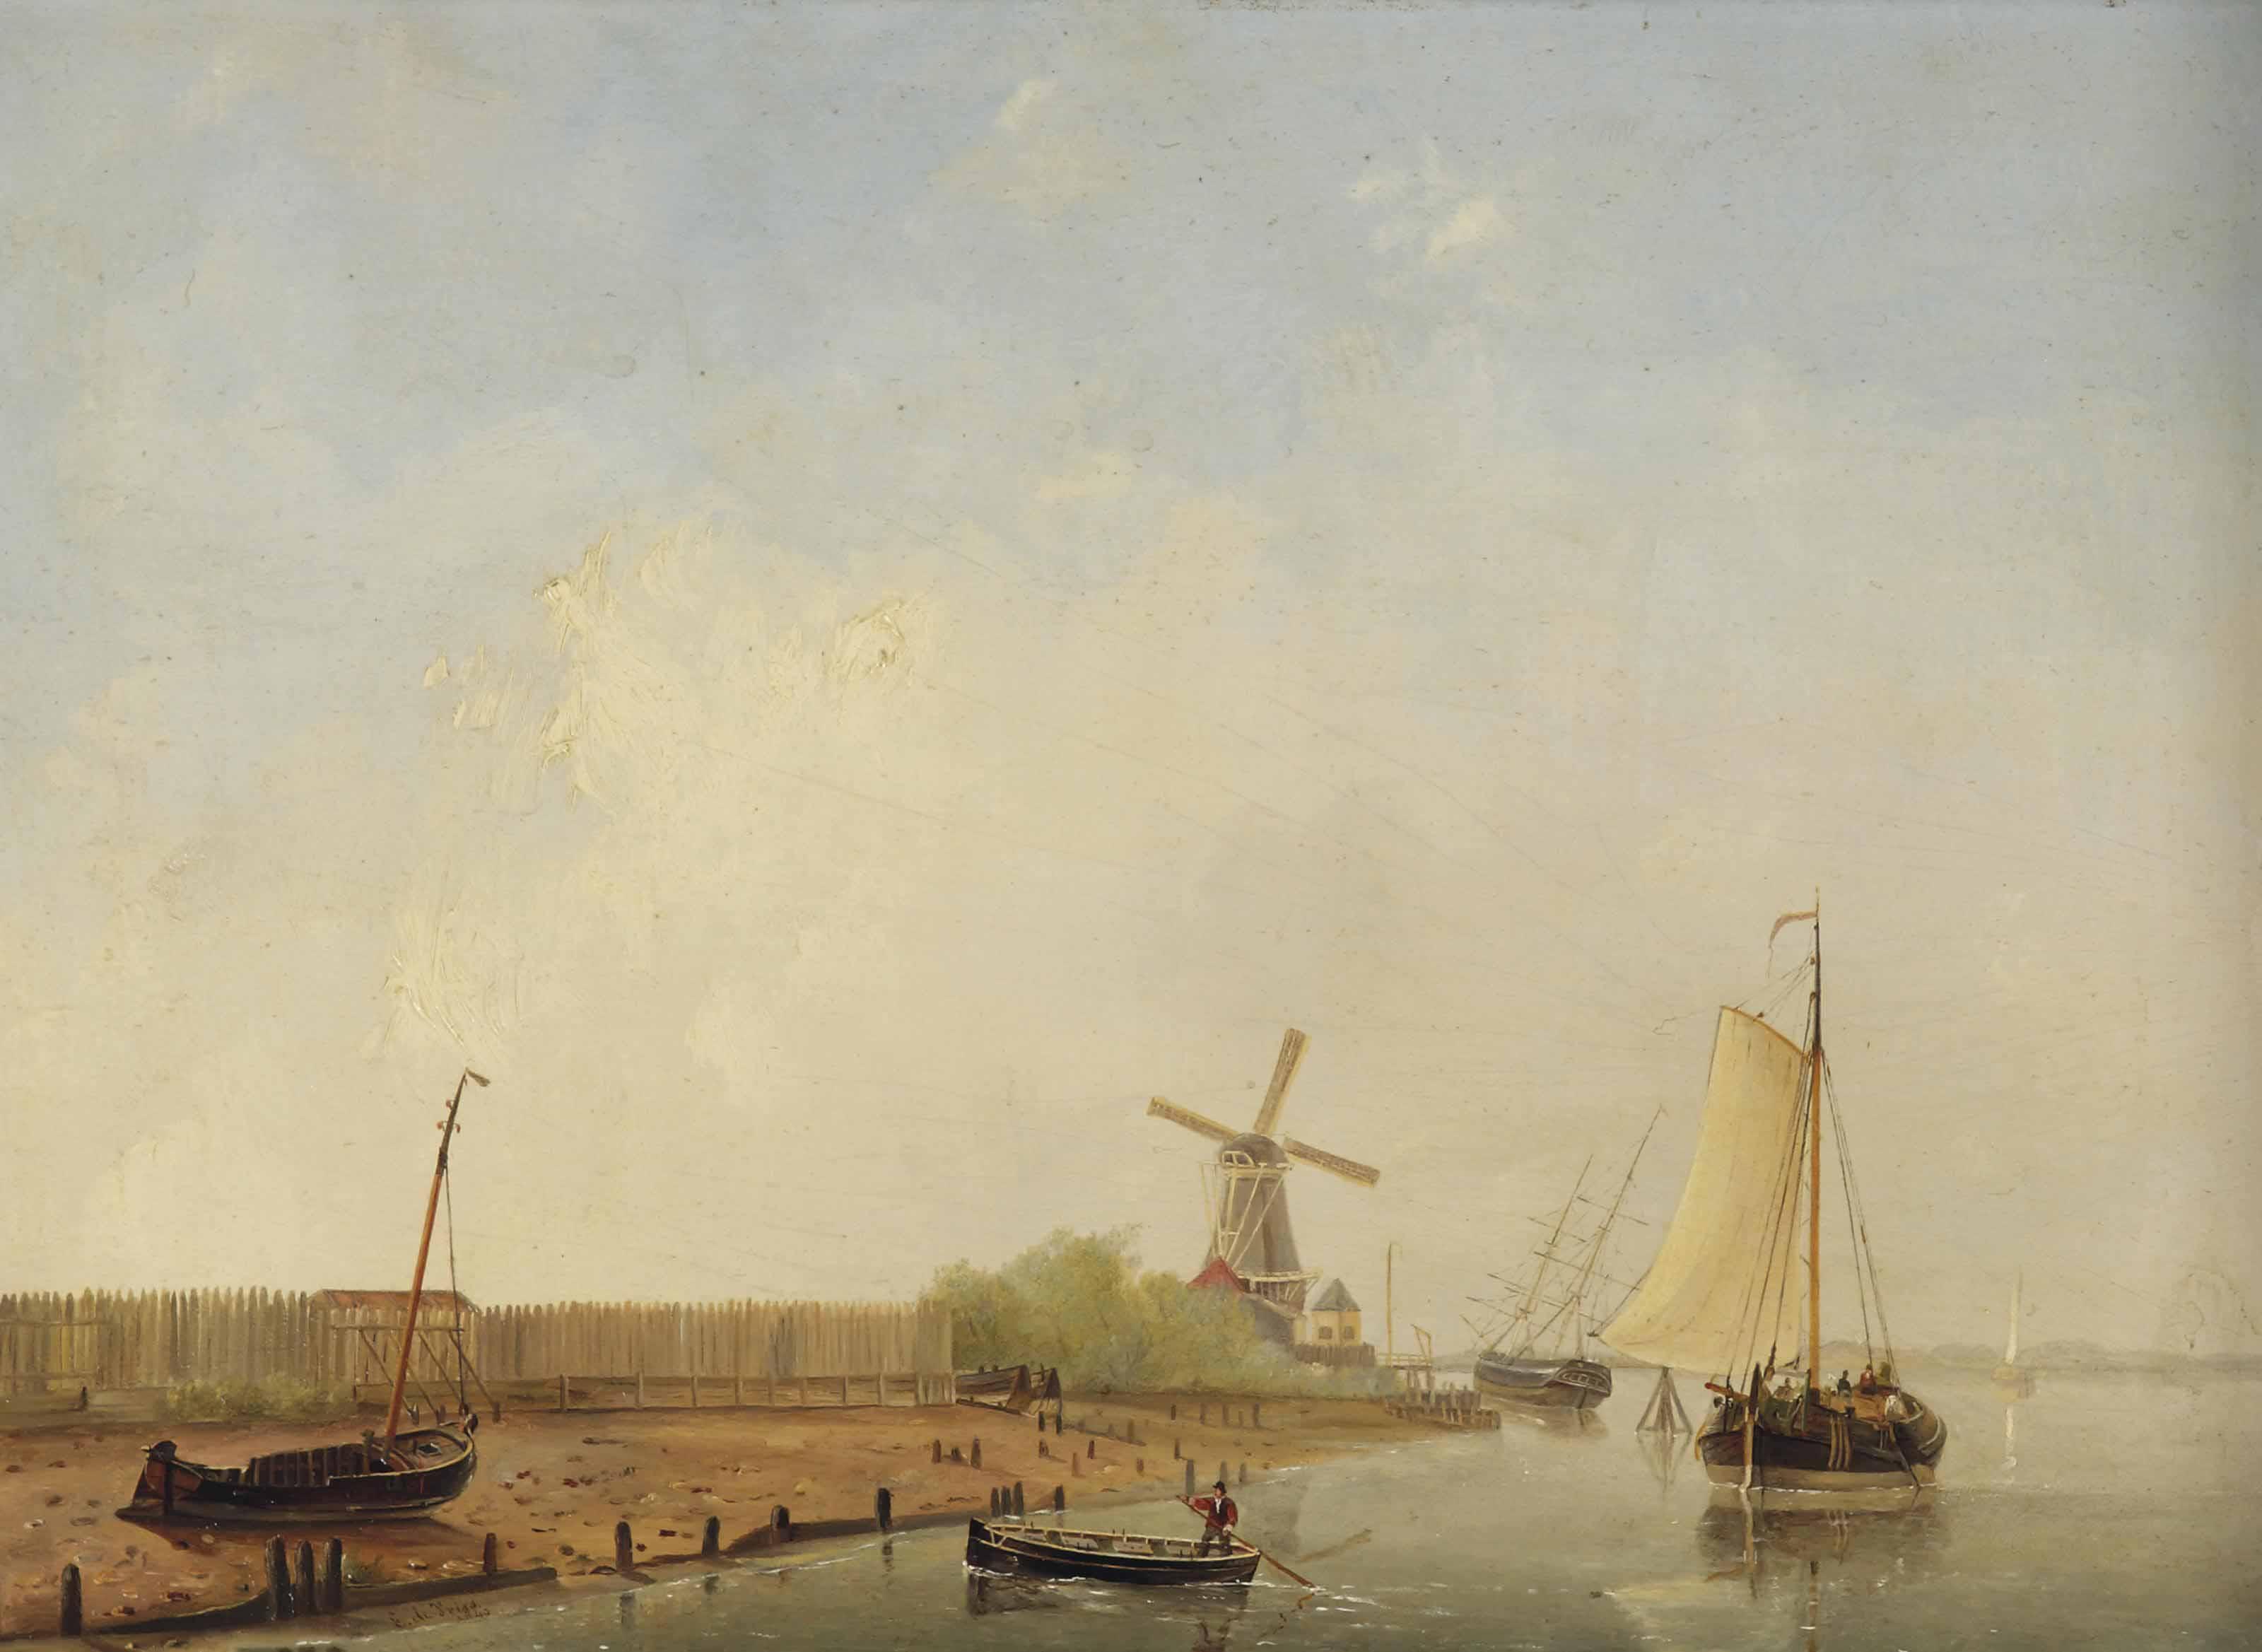 Ships on a calm river near a shipyard